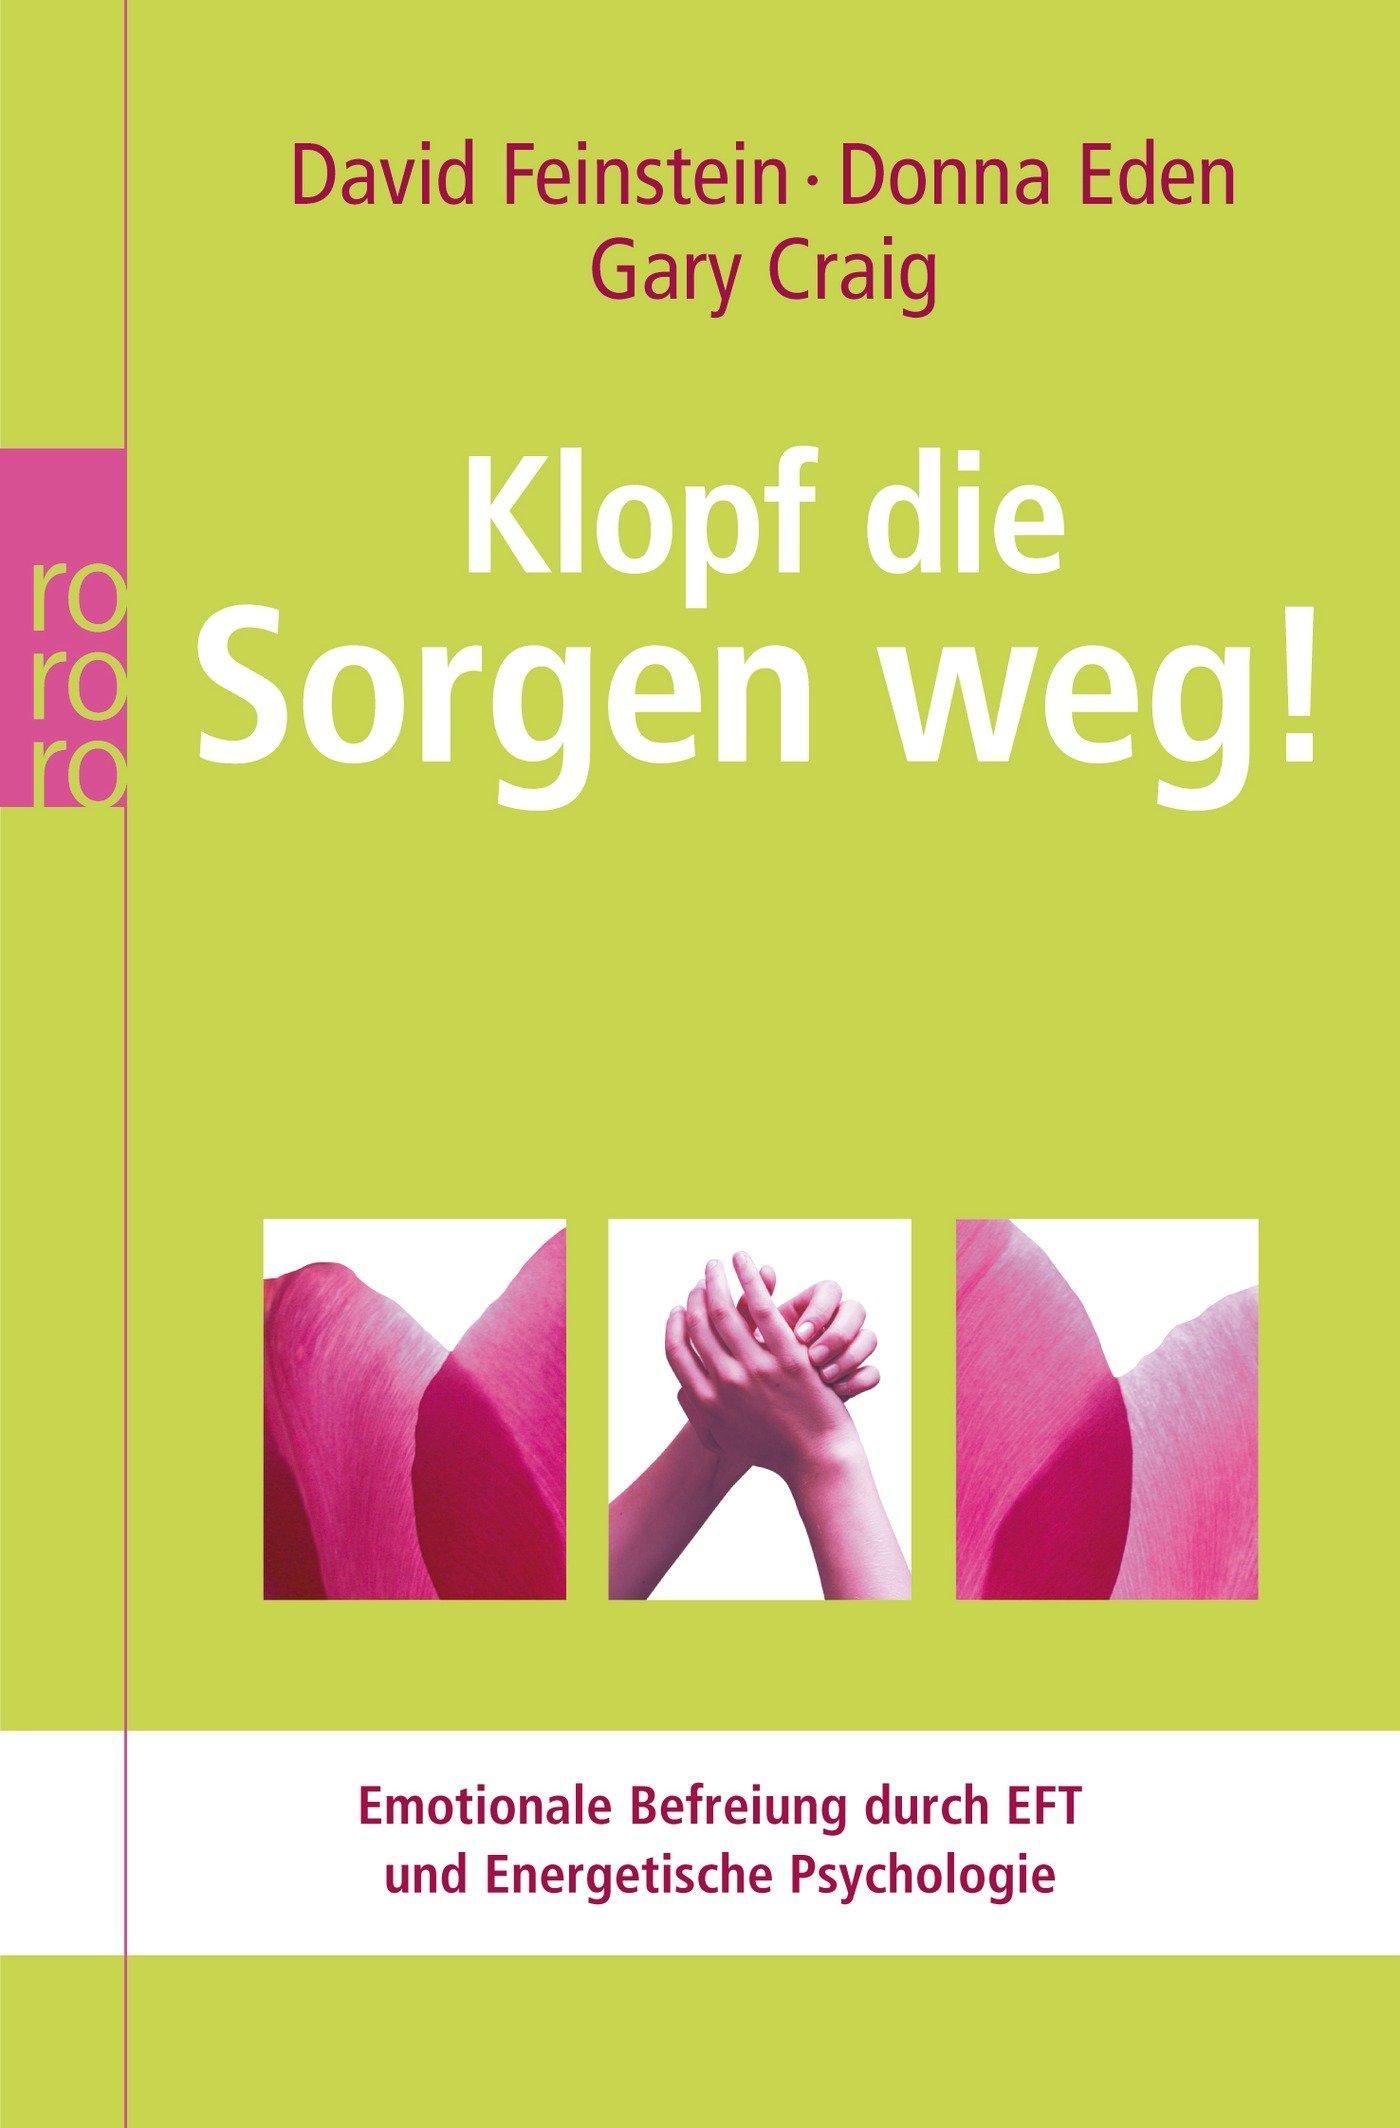 Klopf die Sorgen weg!: Emotionale Befreiung durch EFT und Energetische Psychologie (Energetische Psychologie praktisch)